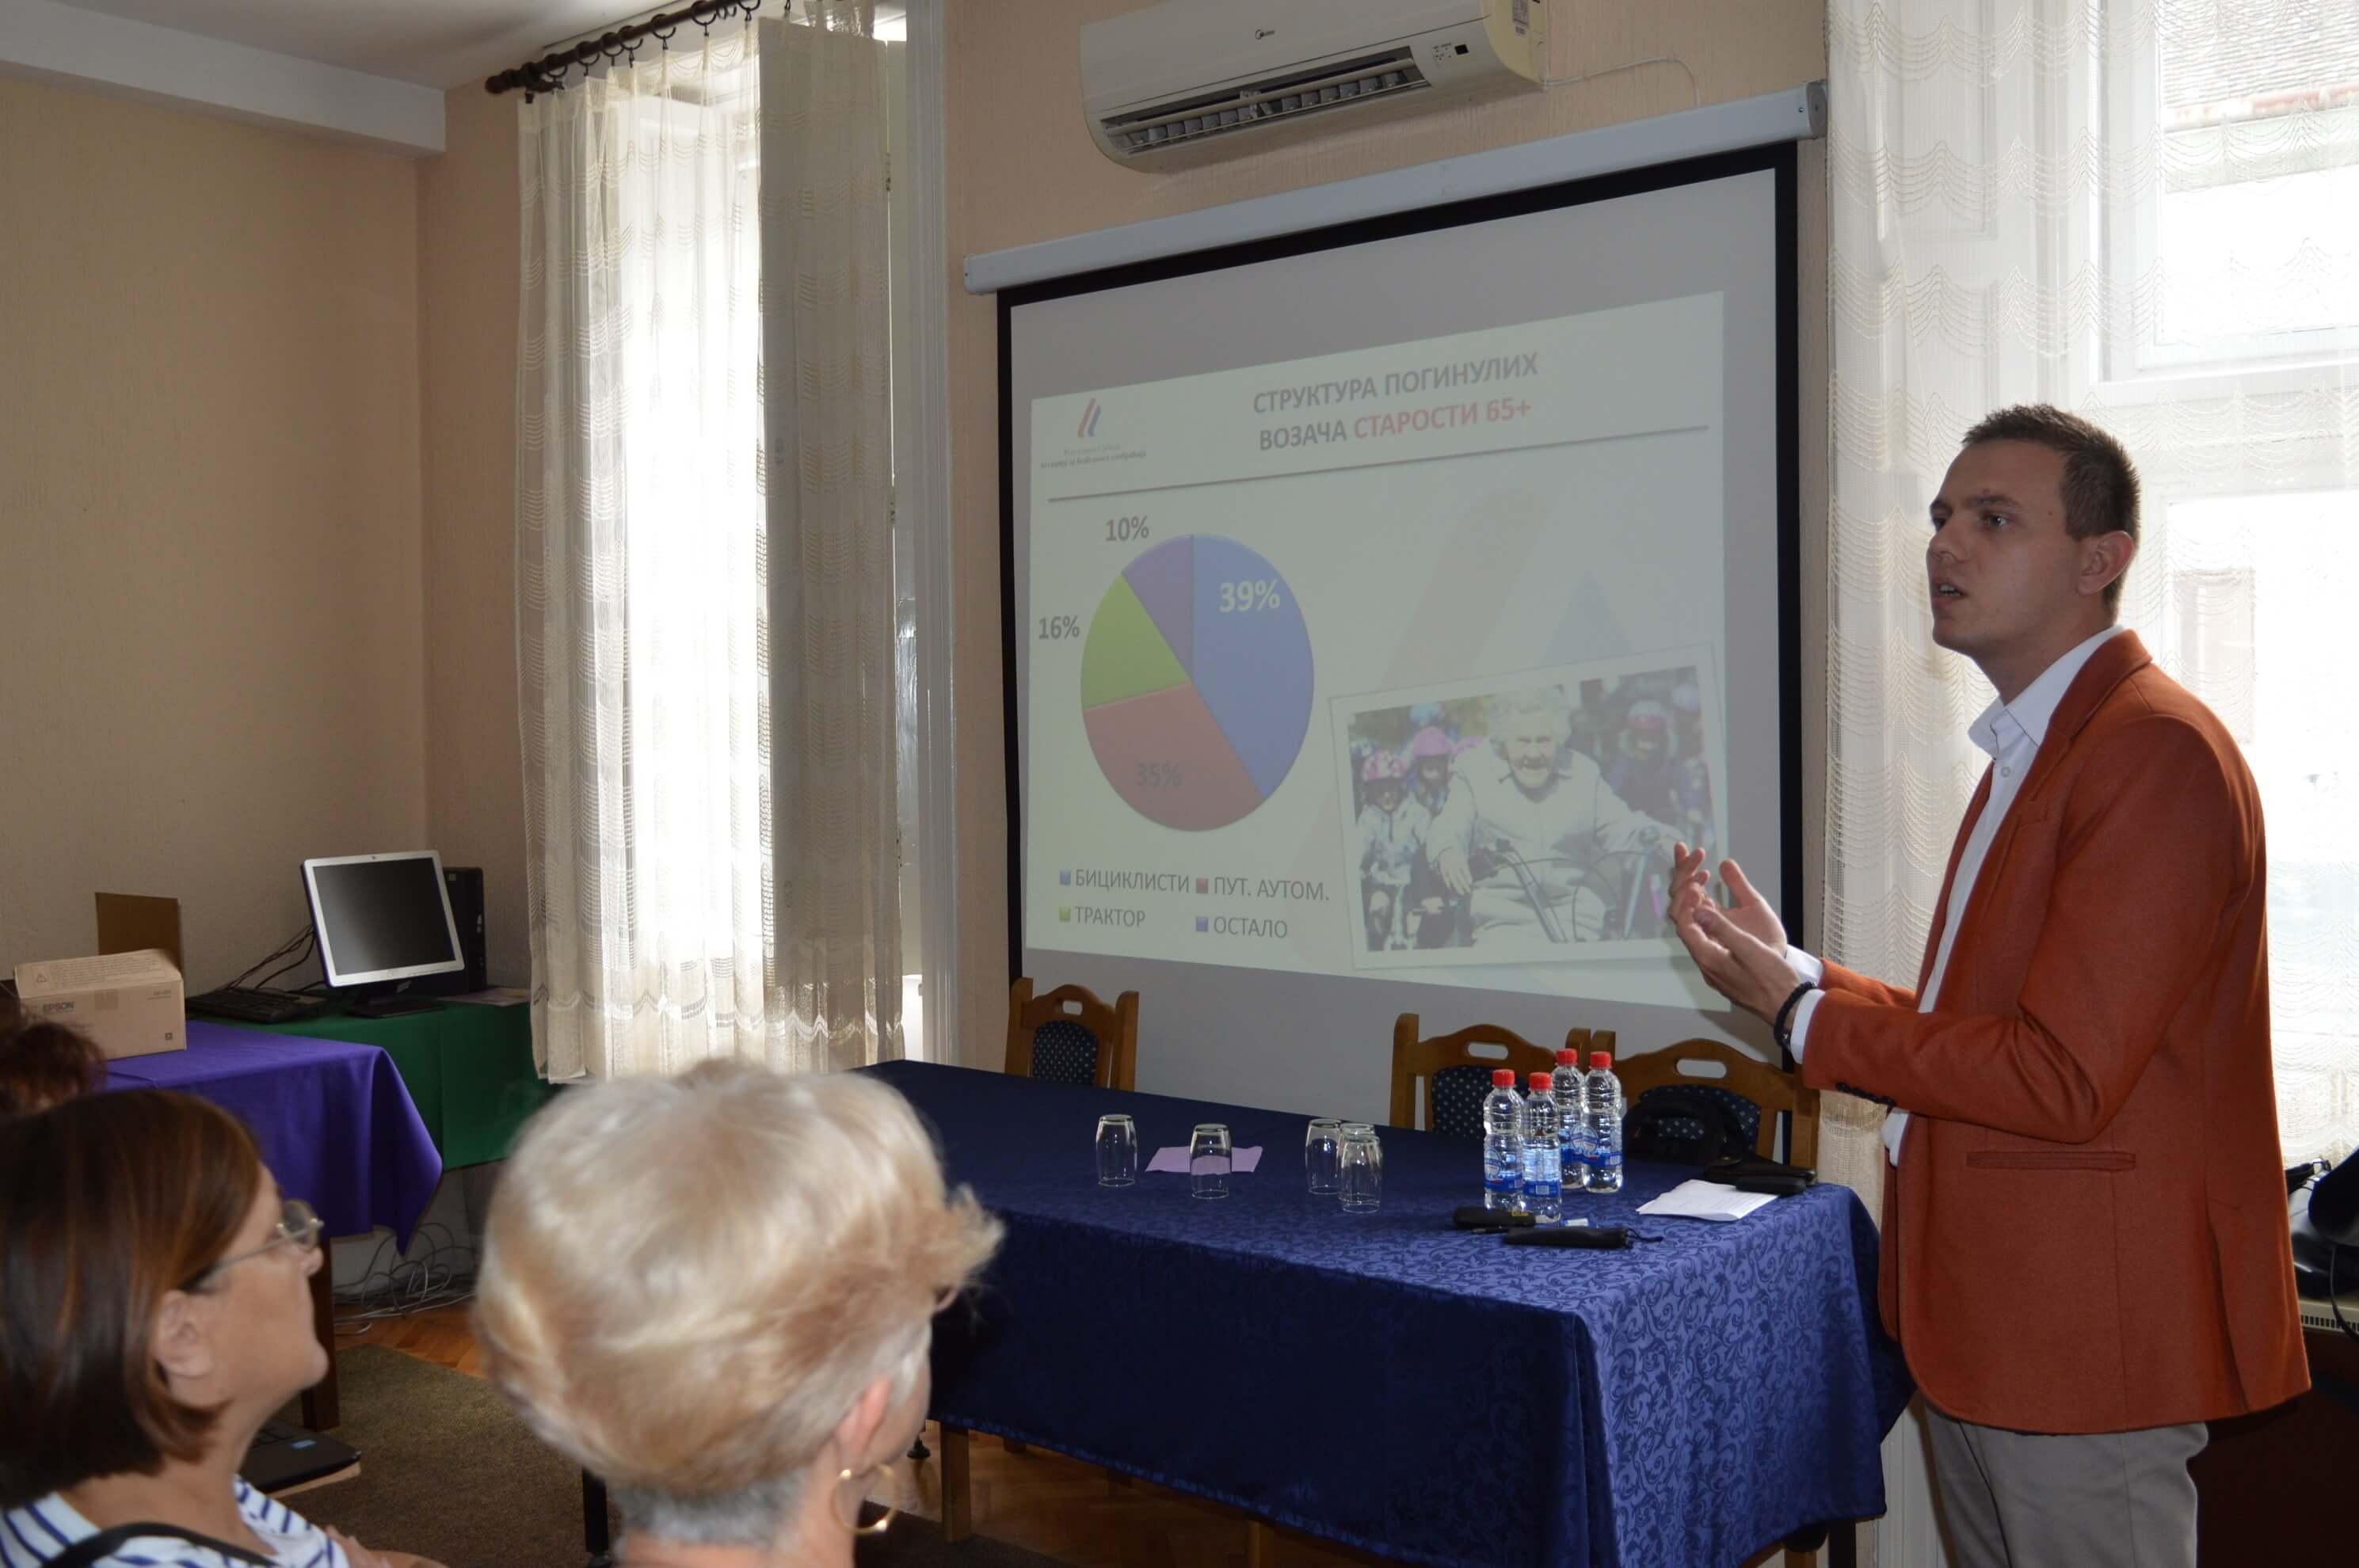 Томислав Петровић из Агенције за безбедност саобраћаја је одржао презентацију